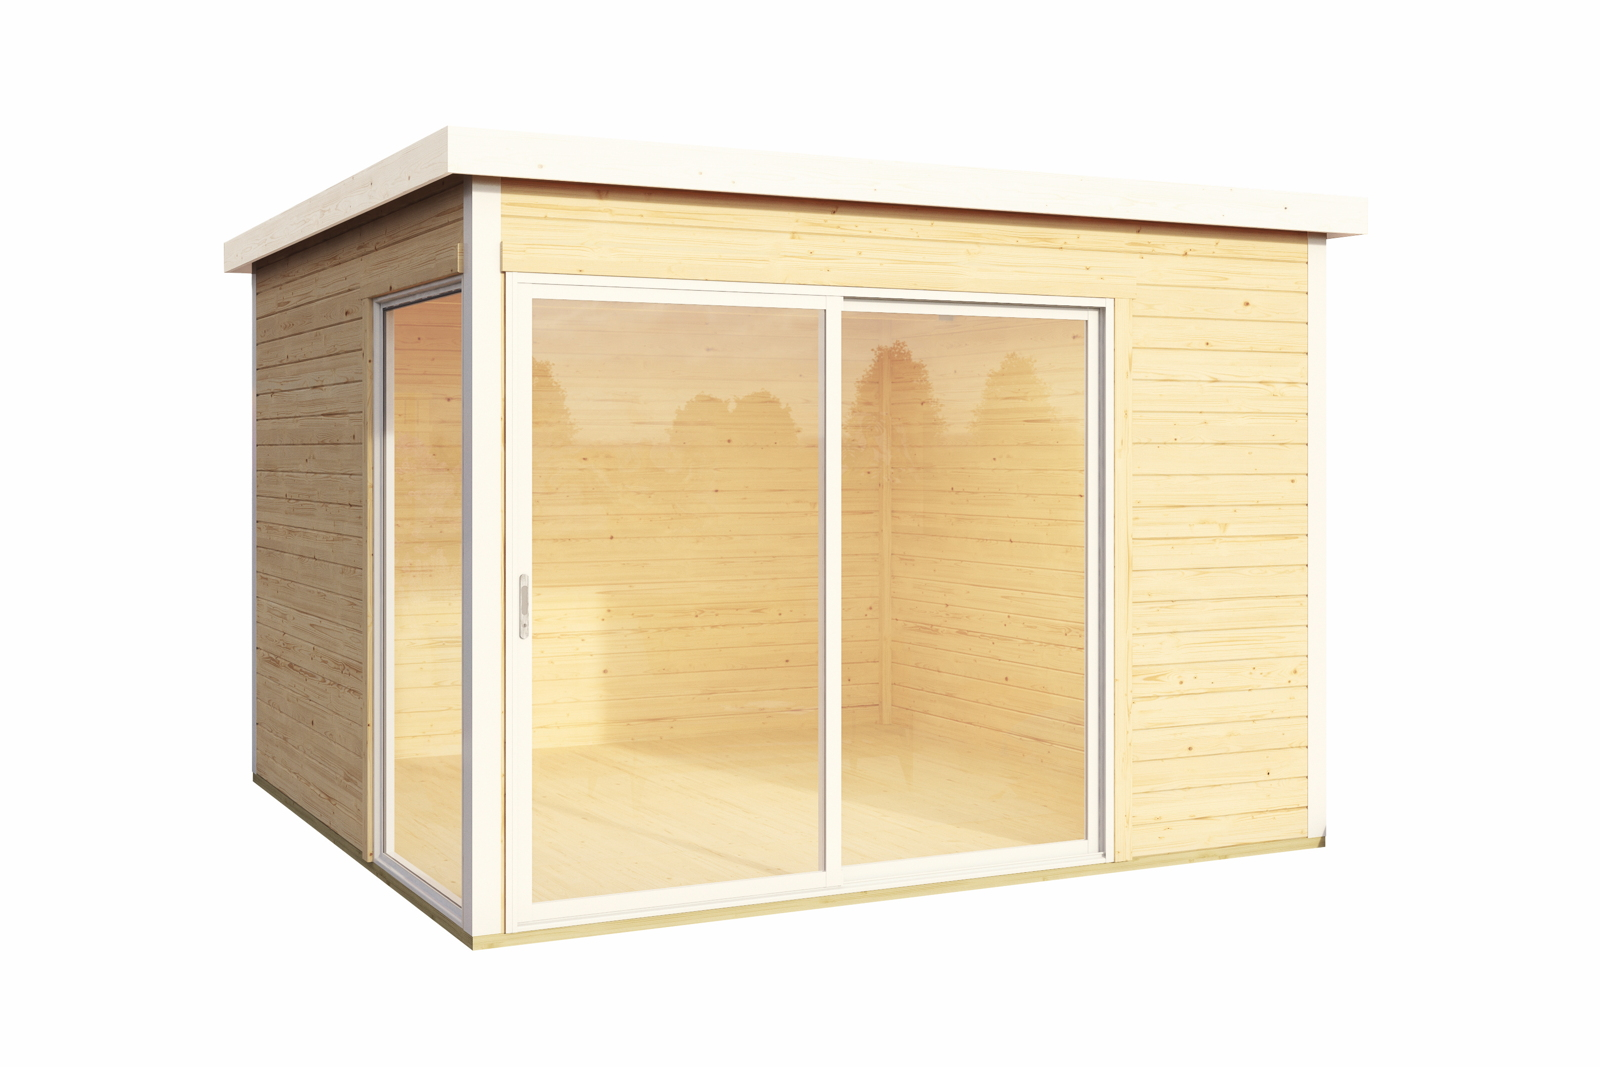 Gartenhaus Flachdach 300x300 cm Holz Haus Bausatz mit großer Schiebetür